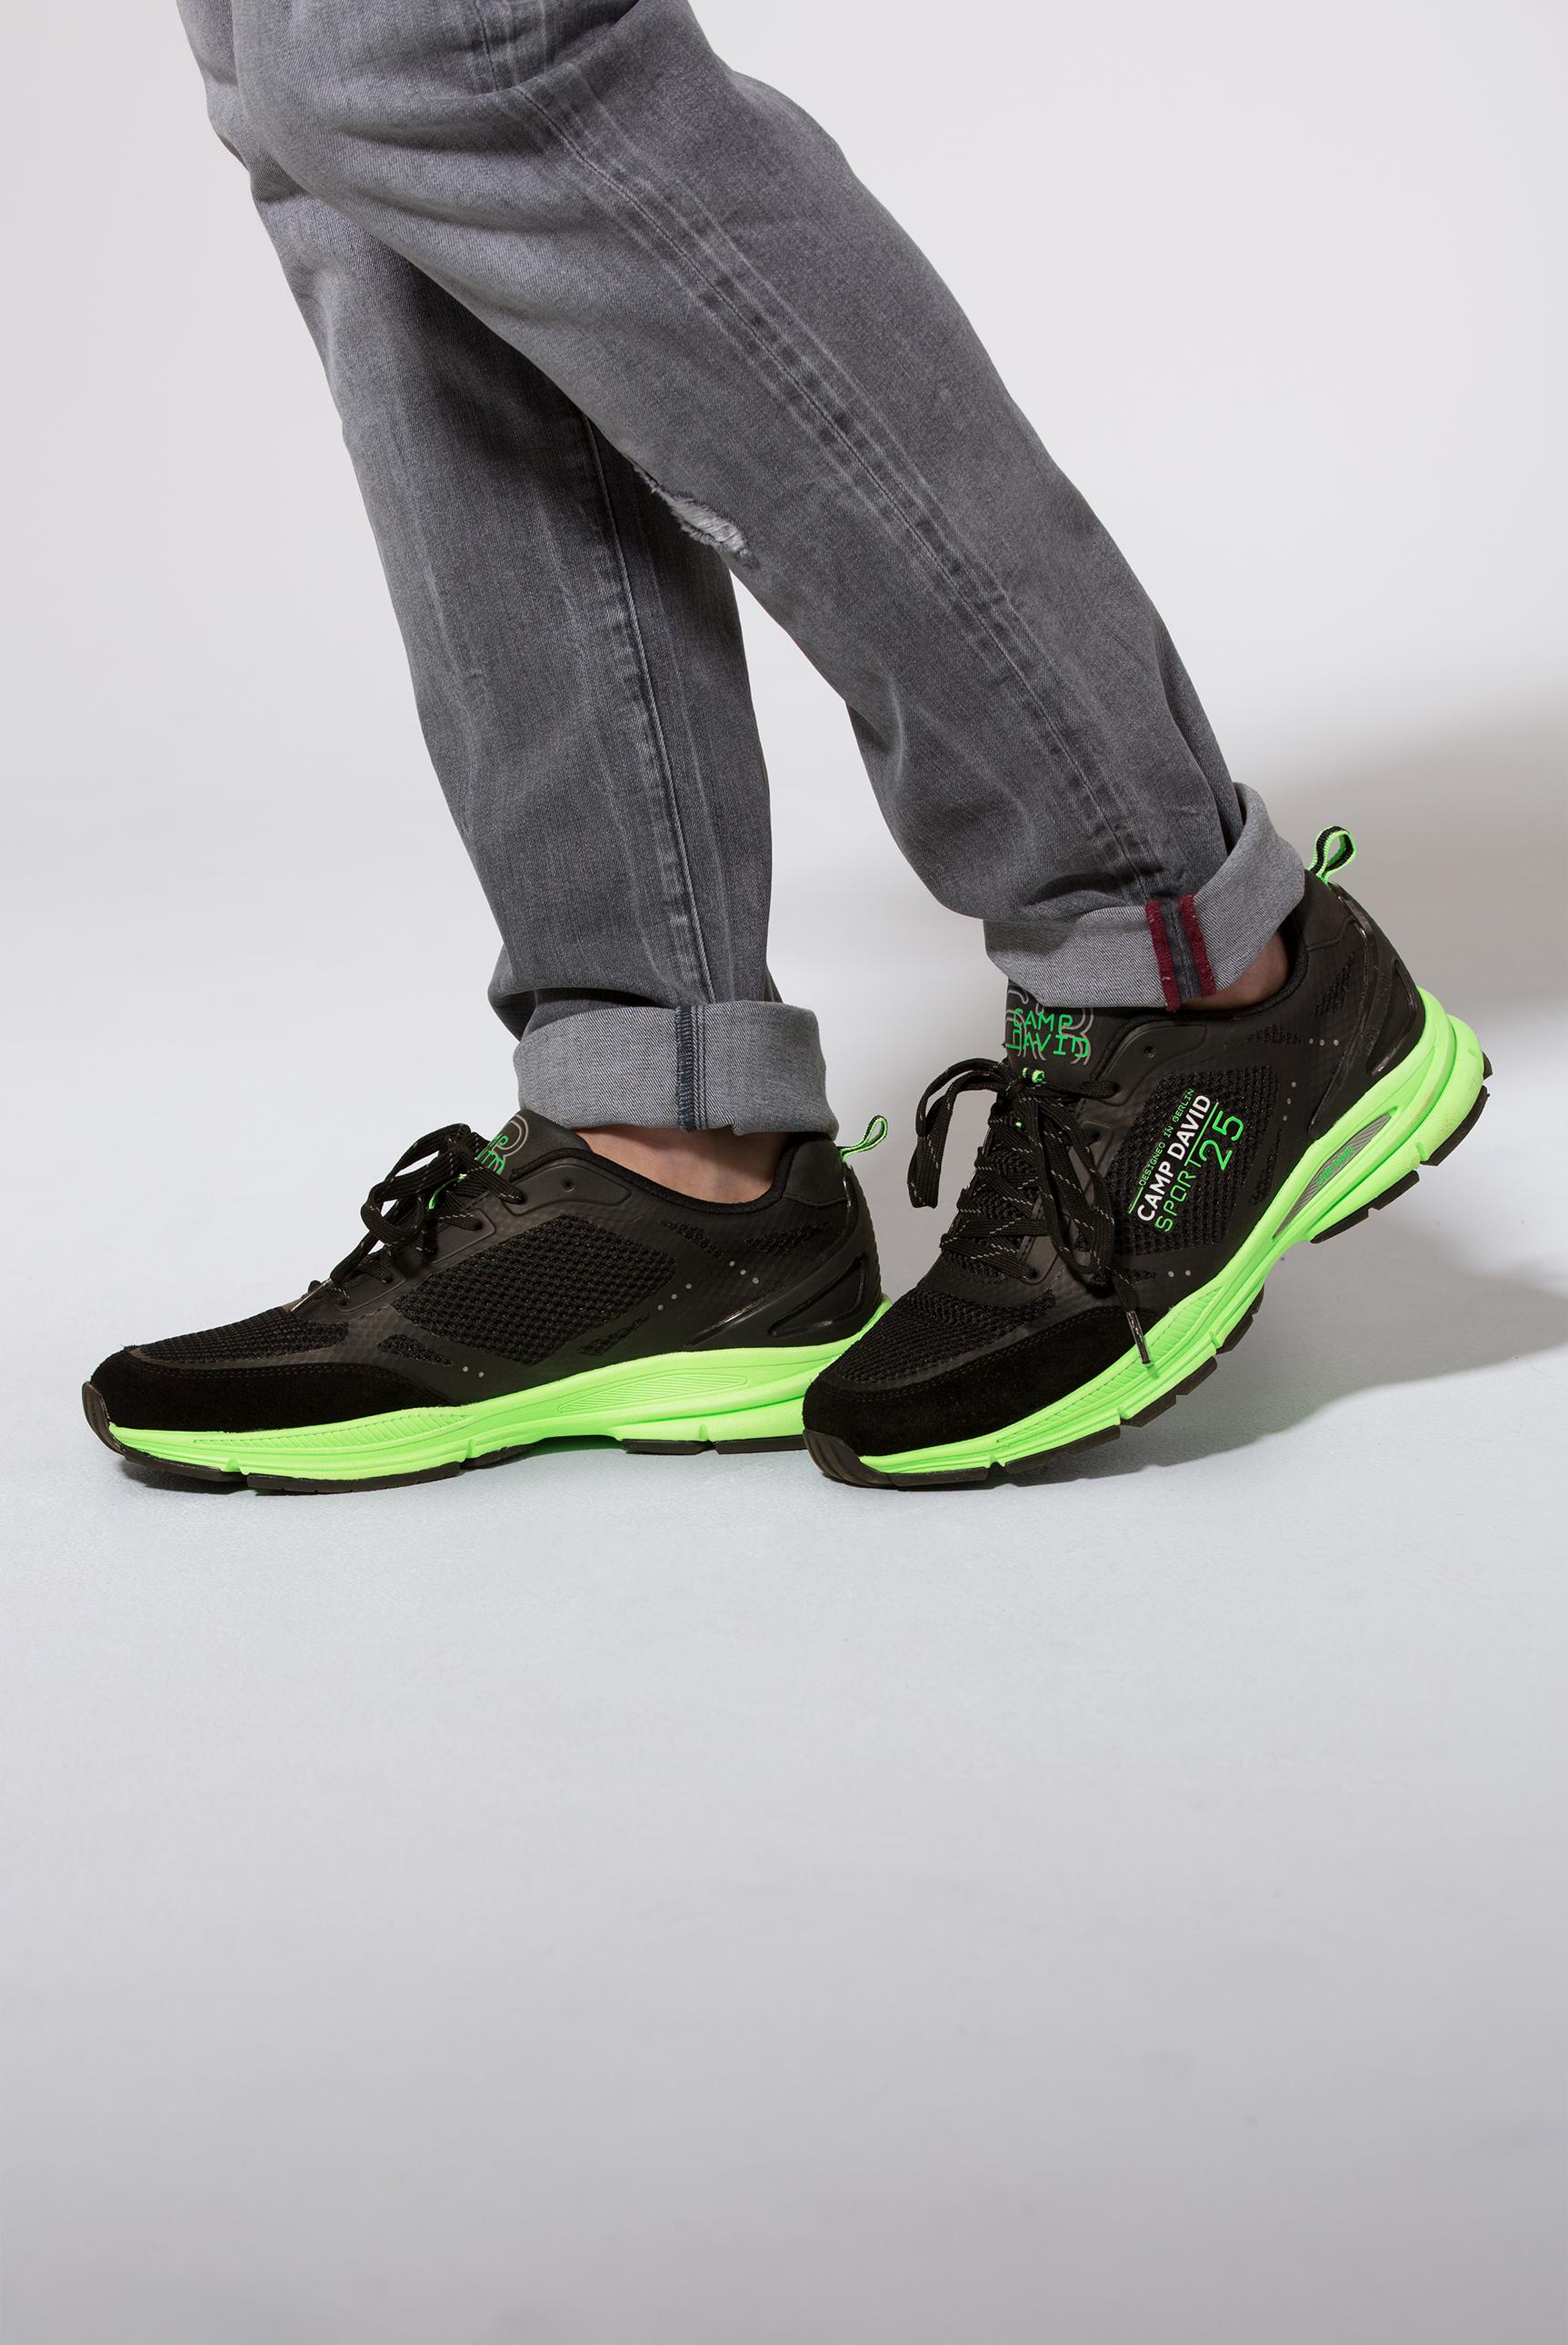 Camp David: bis 40% Rabatt auf Damen und Herren Schuhe